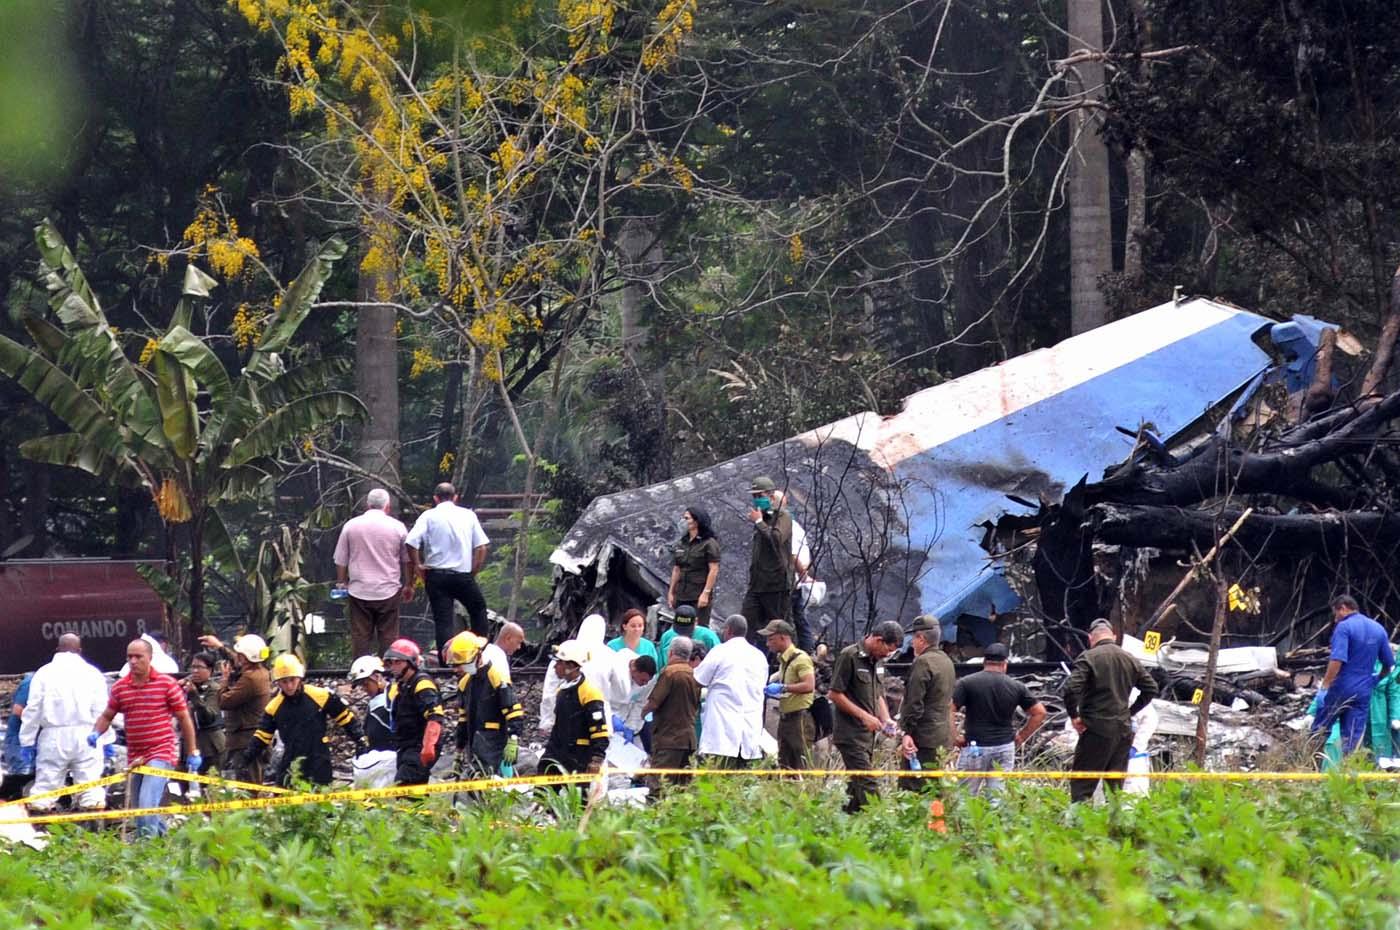 """HAB32. LA HABANA (CUBA), 18/05/2018.- Policías y militares trabajan entre los restos del avión Boeing-737 que se estrelló hoy, viernes 18 de mayo de 2018, poco después de despegar del aeropuerto José Martí de La Habana (Cuba). La mayoría de las más de cien personas que murieron hoy al estrellarse un avión cerca del aeropuerto de La Habana eran cubanos, a excepción de cinco pasajeros extranjeros cuya nacionalidad aún se desconoce y de miembros de la tripulación, que eran mexicanos. Según los medios estatales cubanos, tras la confusión inicial sobre las nacionalidades de las víctimas """"quedó confirmado que la mayoría de los pasajeros eran cubanos, excepto unos cinco extranjeros y la tripulación"""". EFE/Omara García"""